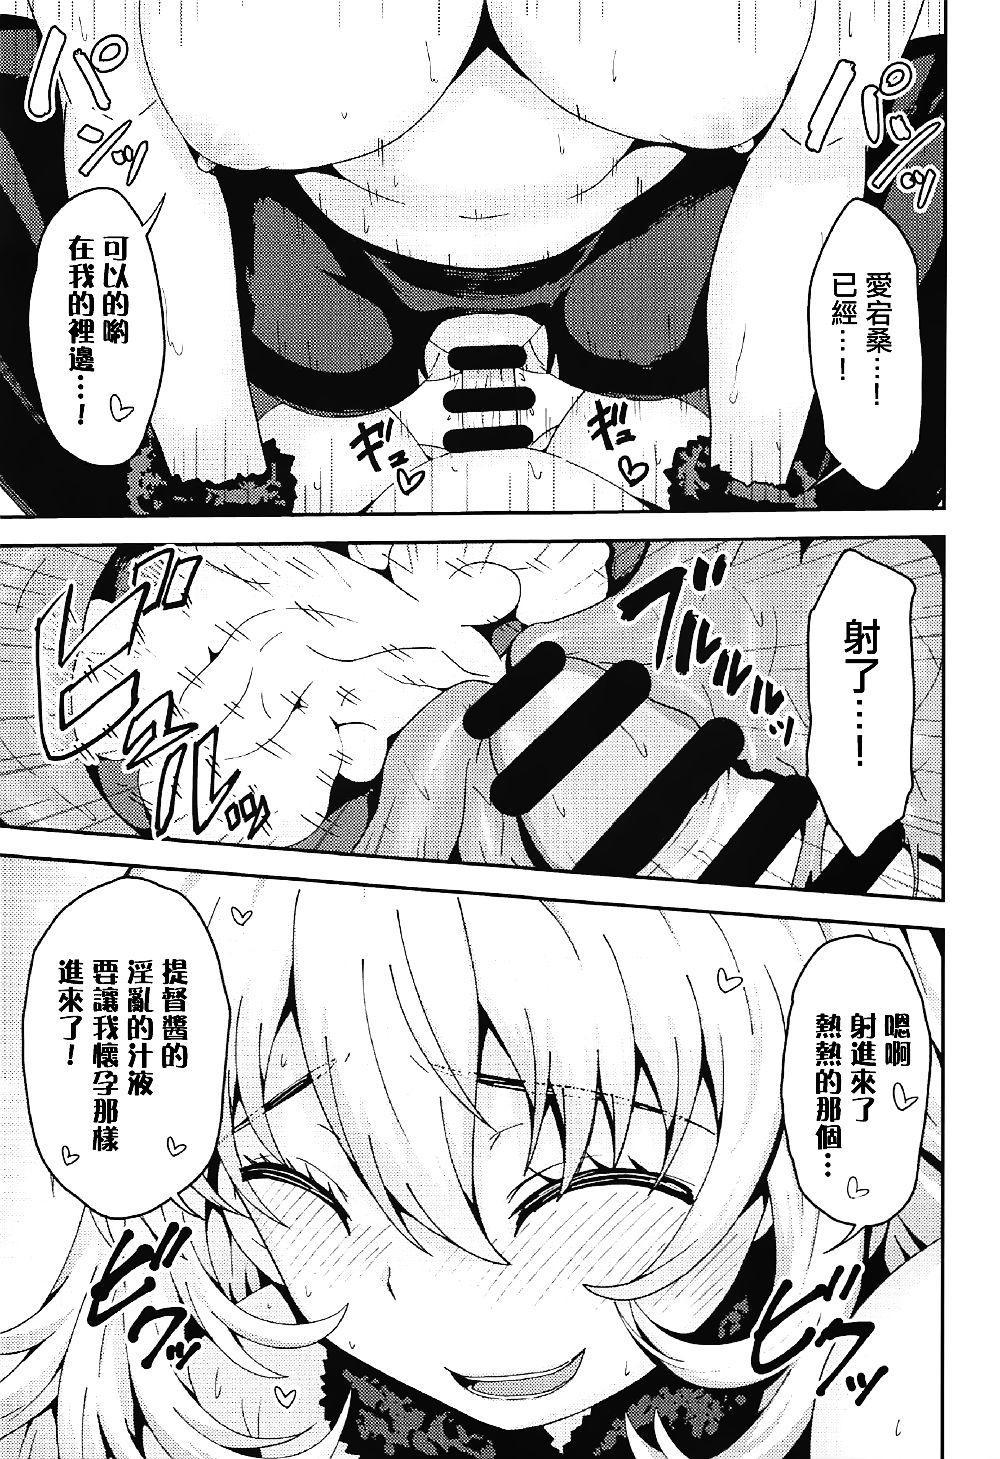 Shimakaze-kun Cos no Shota Teitoku o Kanmusu ga Pyupyu Saseru Hon! 15